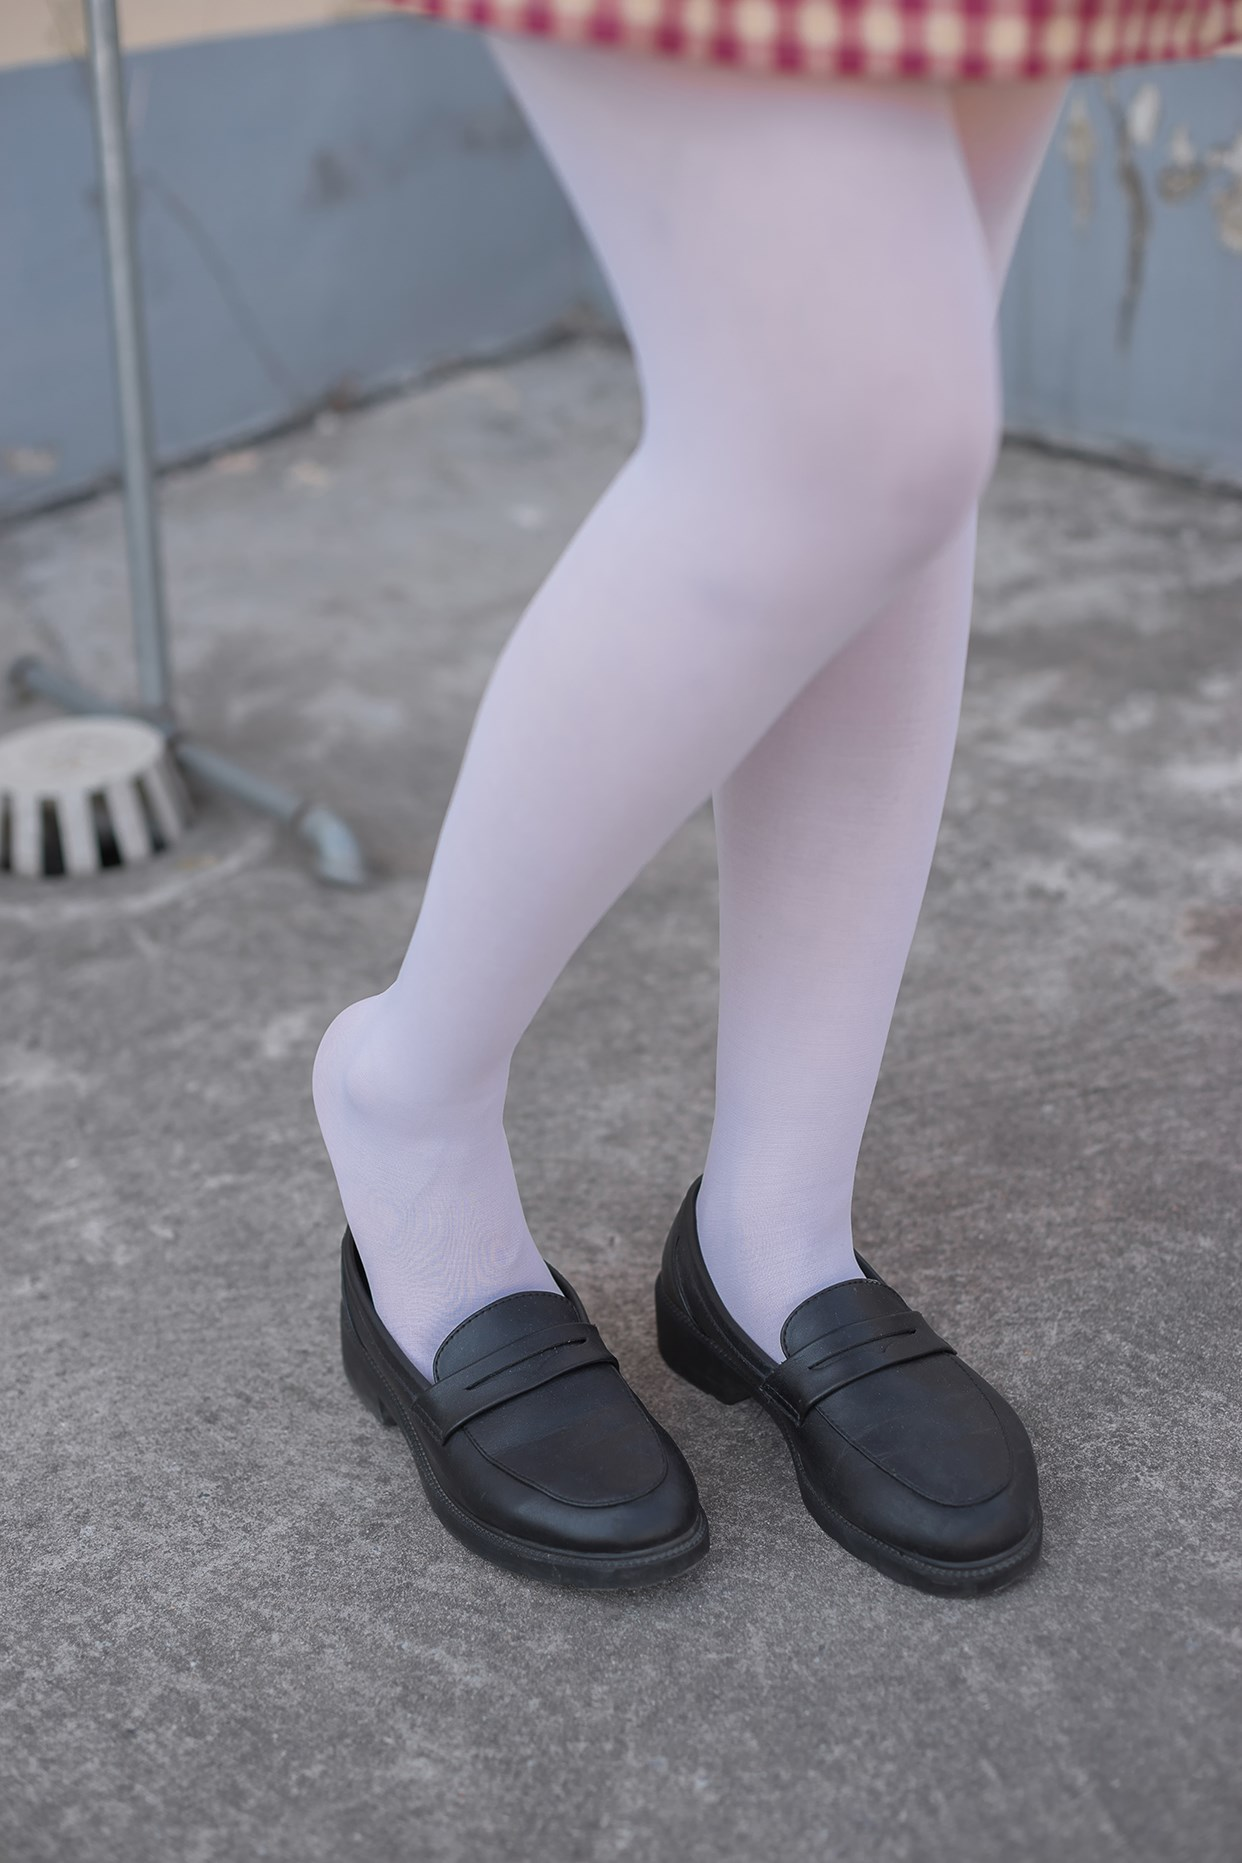 【兔玩映画】萝莉的白丝袜 兔玩映画 第10张